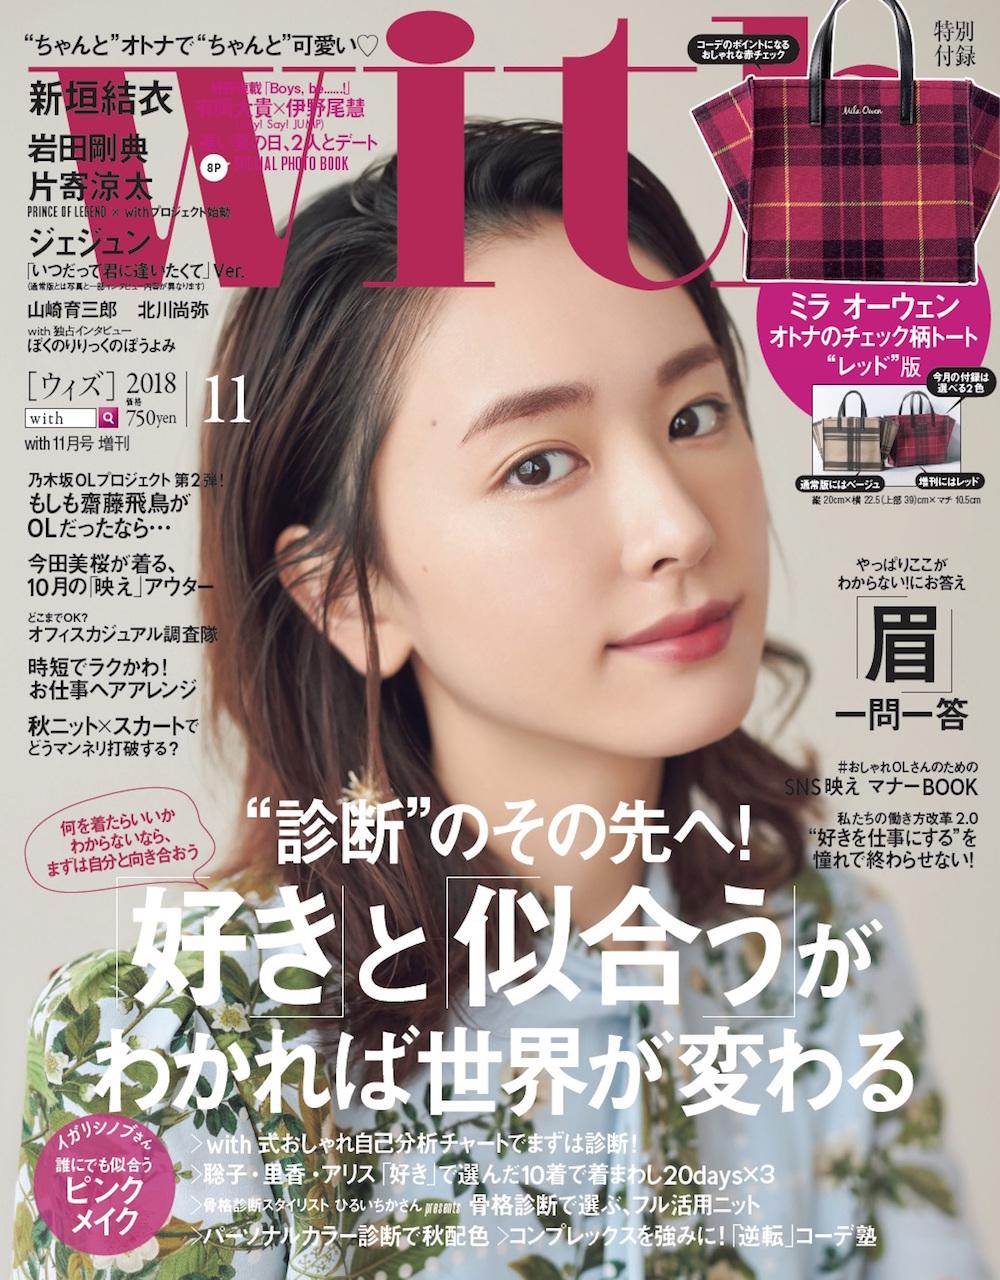 新垣結衣:「with11月号」with11月号増刊の表紙